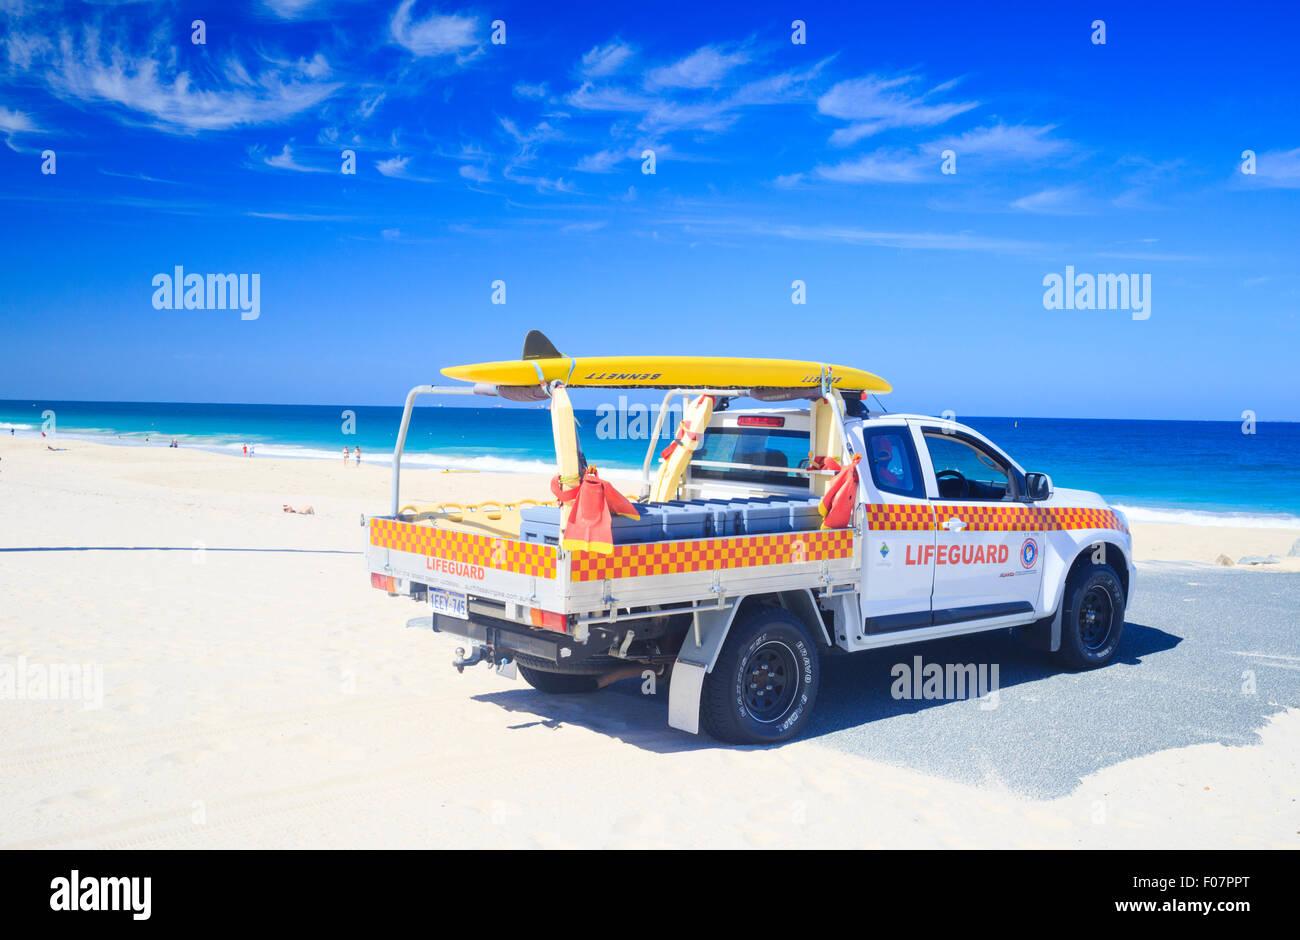 Servicio de Guardavidas australiano vehículo 4WD en la playa. Playa de la ciudad de Perth, Australia Occidental, Imagen De Stock